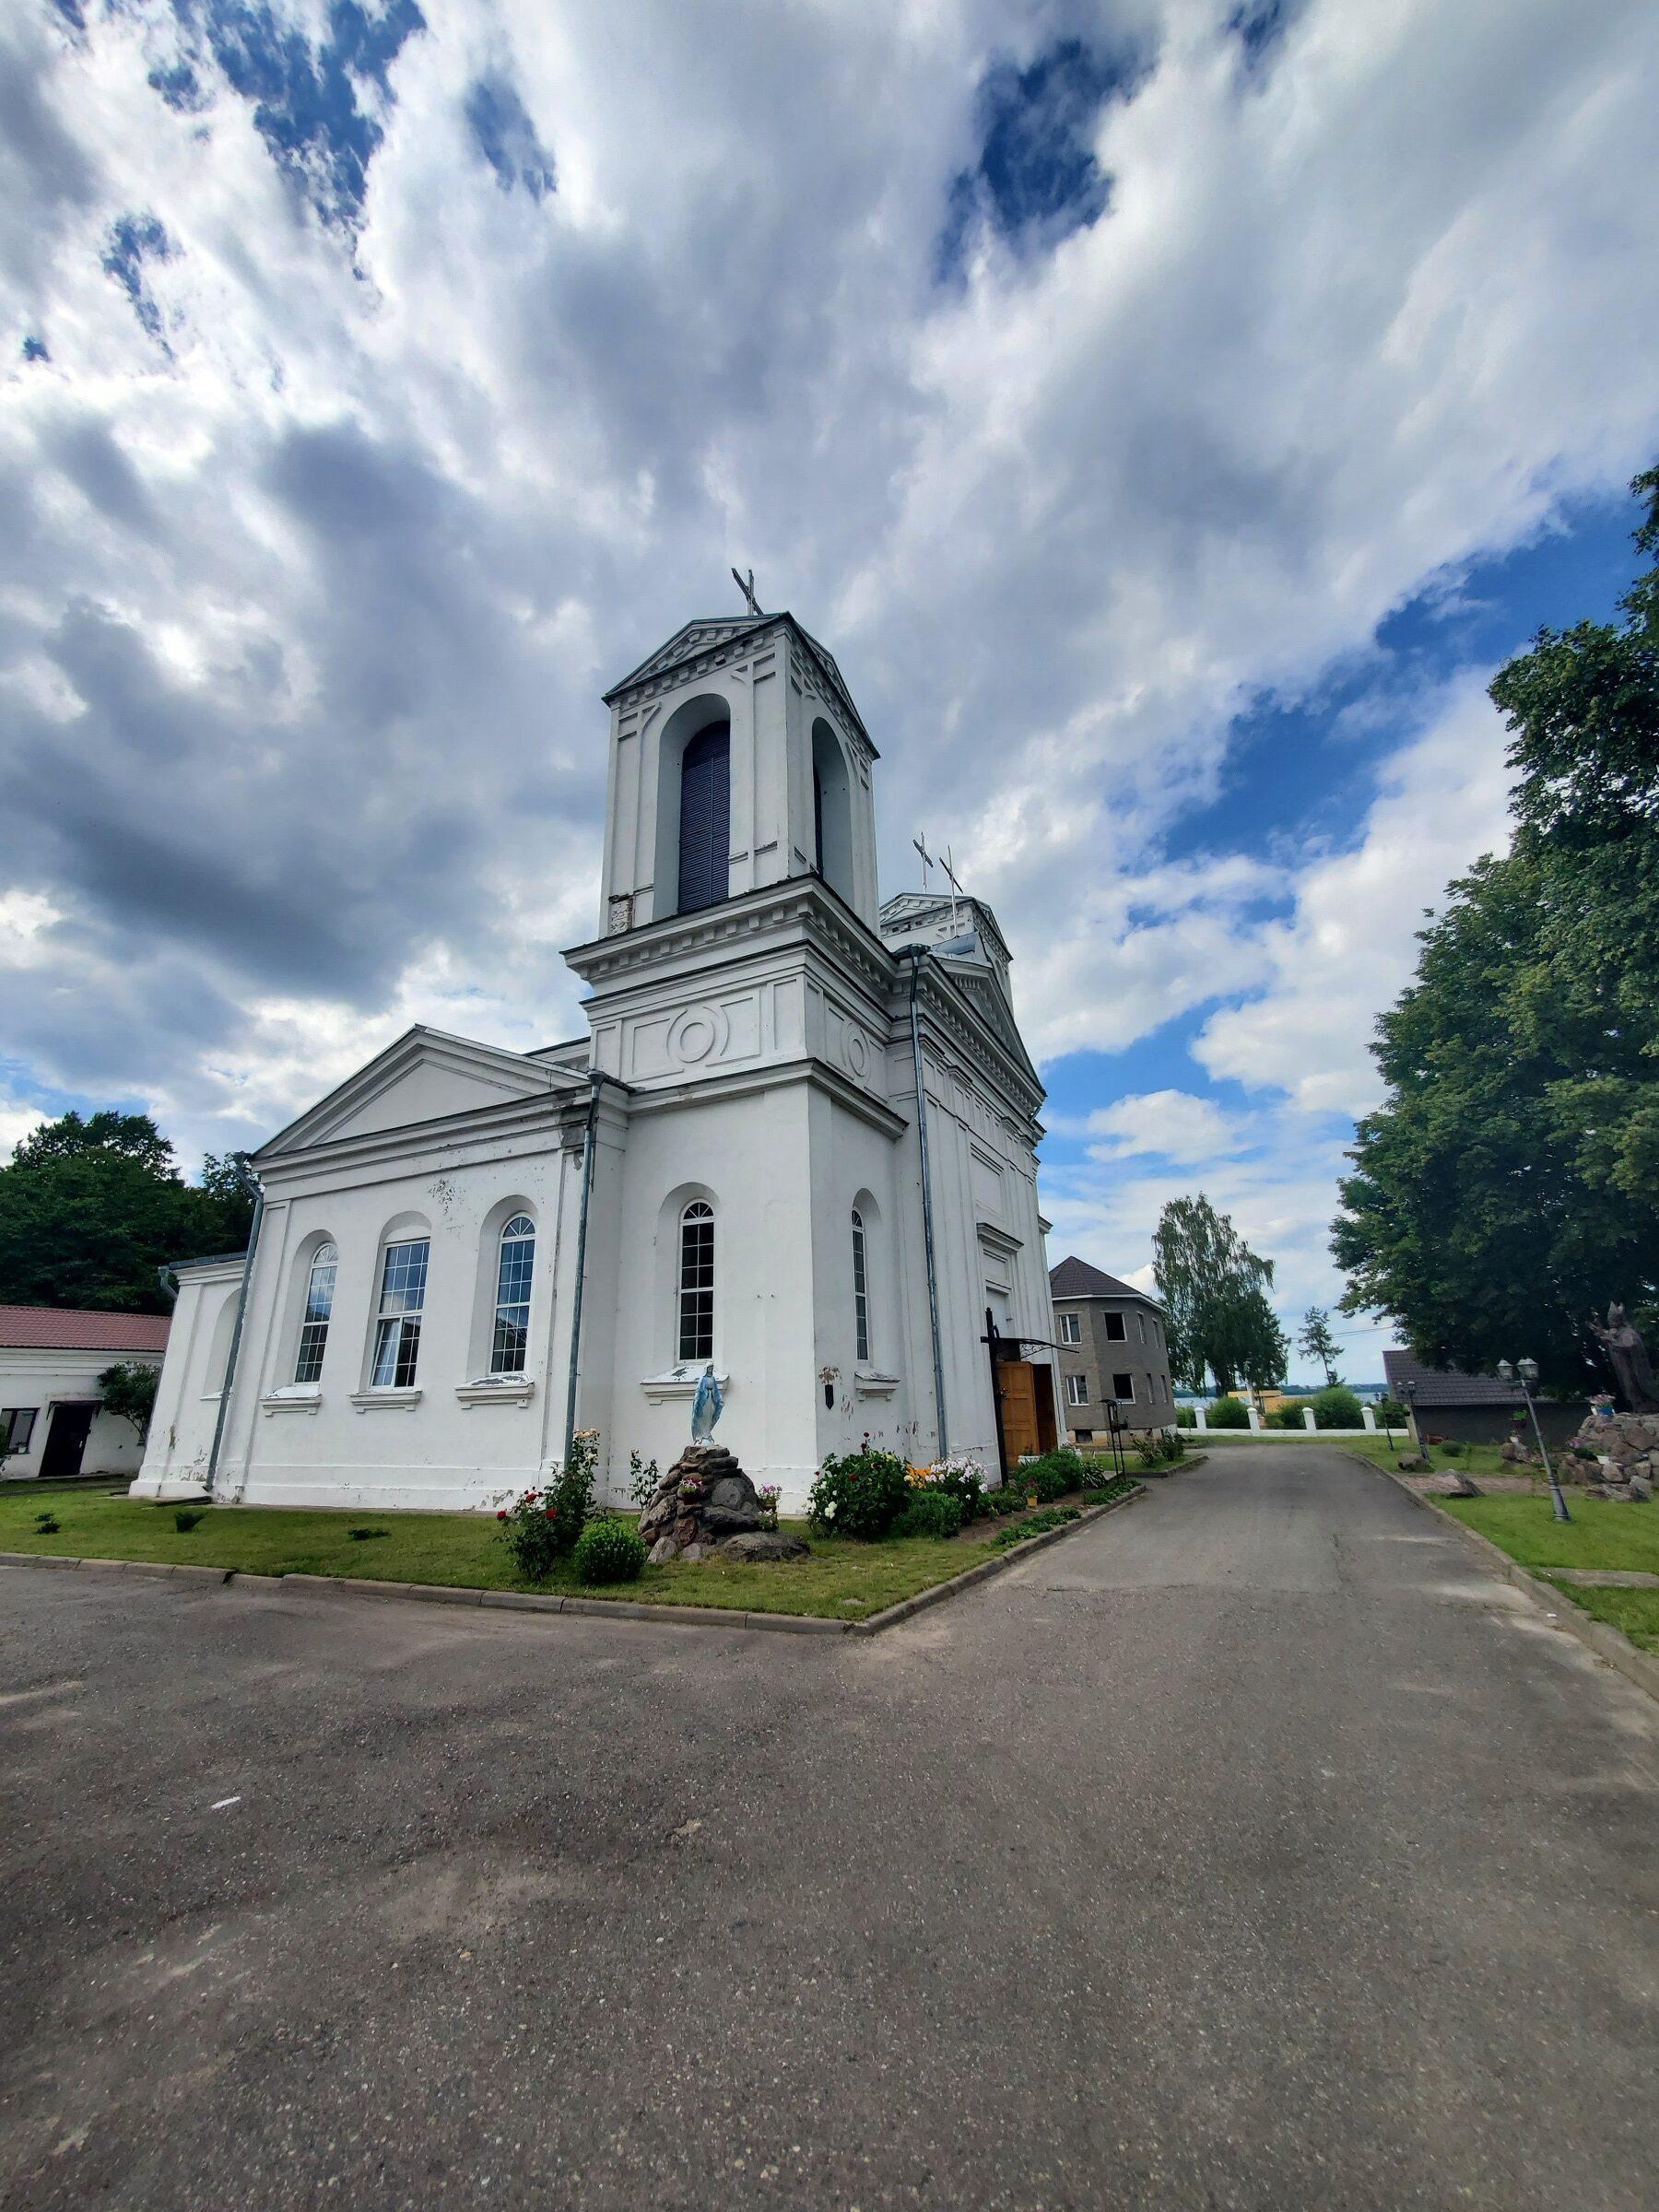 20200705 155249 rotated - Костел Святого Казимира в Лепеле